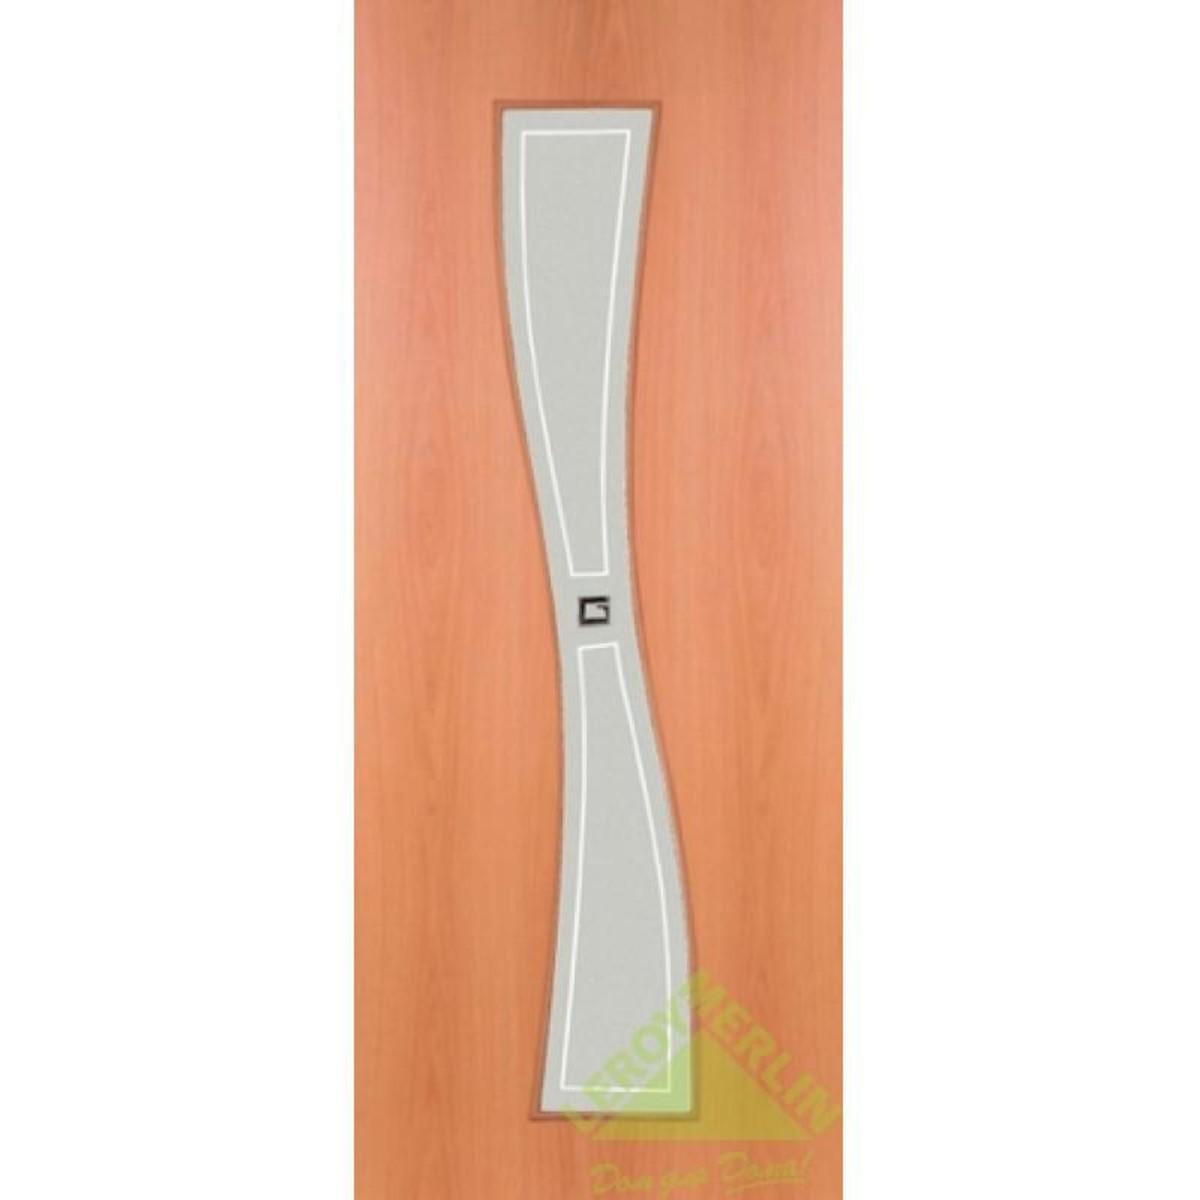 Дверь Межкомнатная Остеклённая Сезия 900x2000 Ламинация Миланский Орех